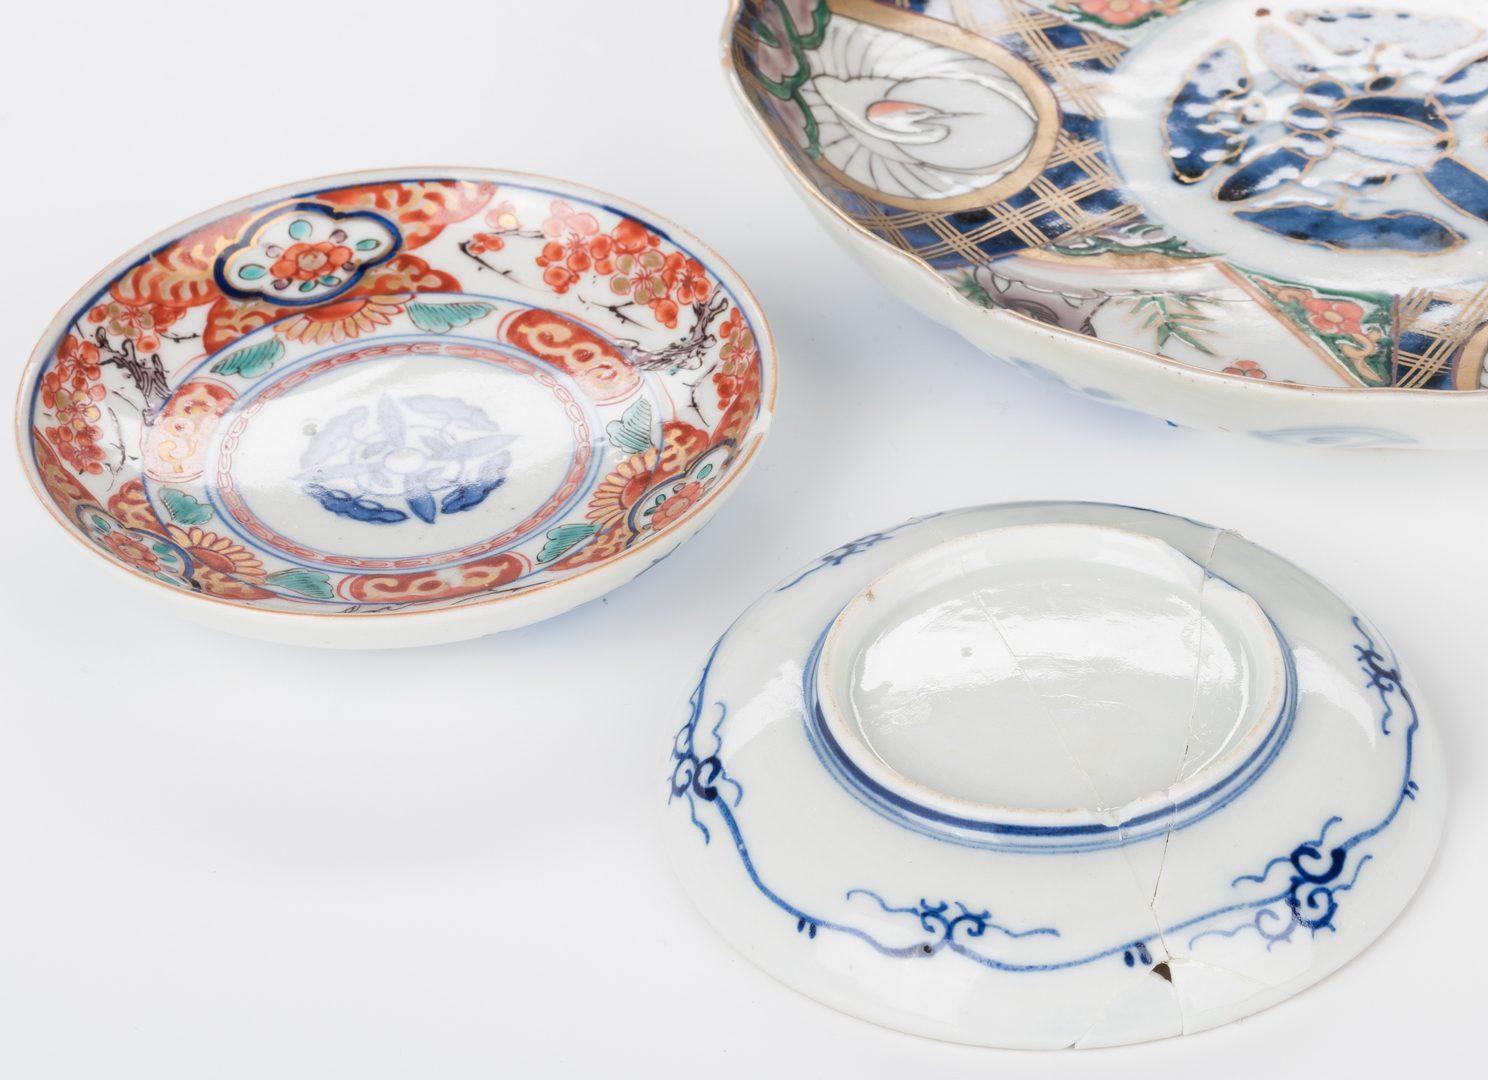 Lot 763: Group of 36 Japanese Imari or Arita Porcelain Pcs